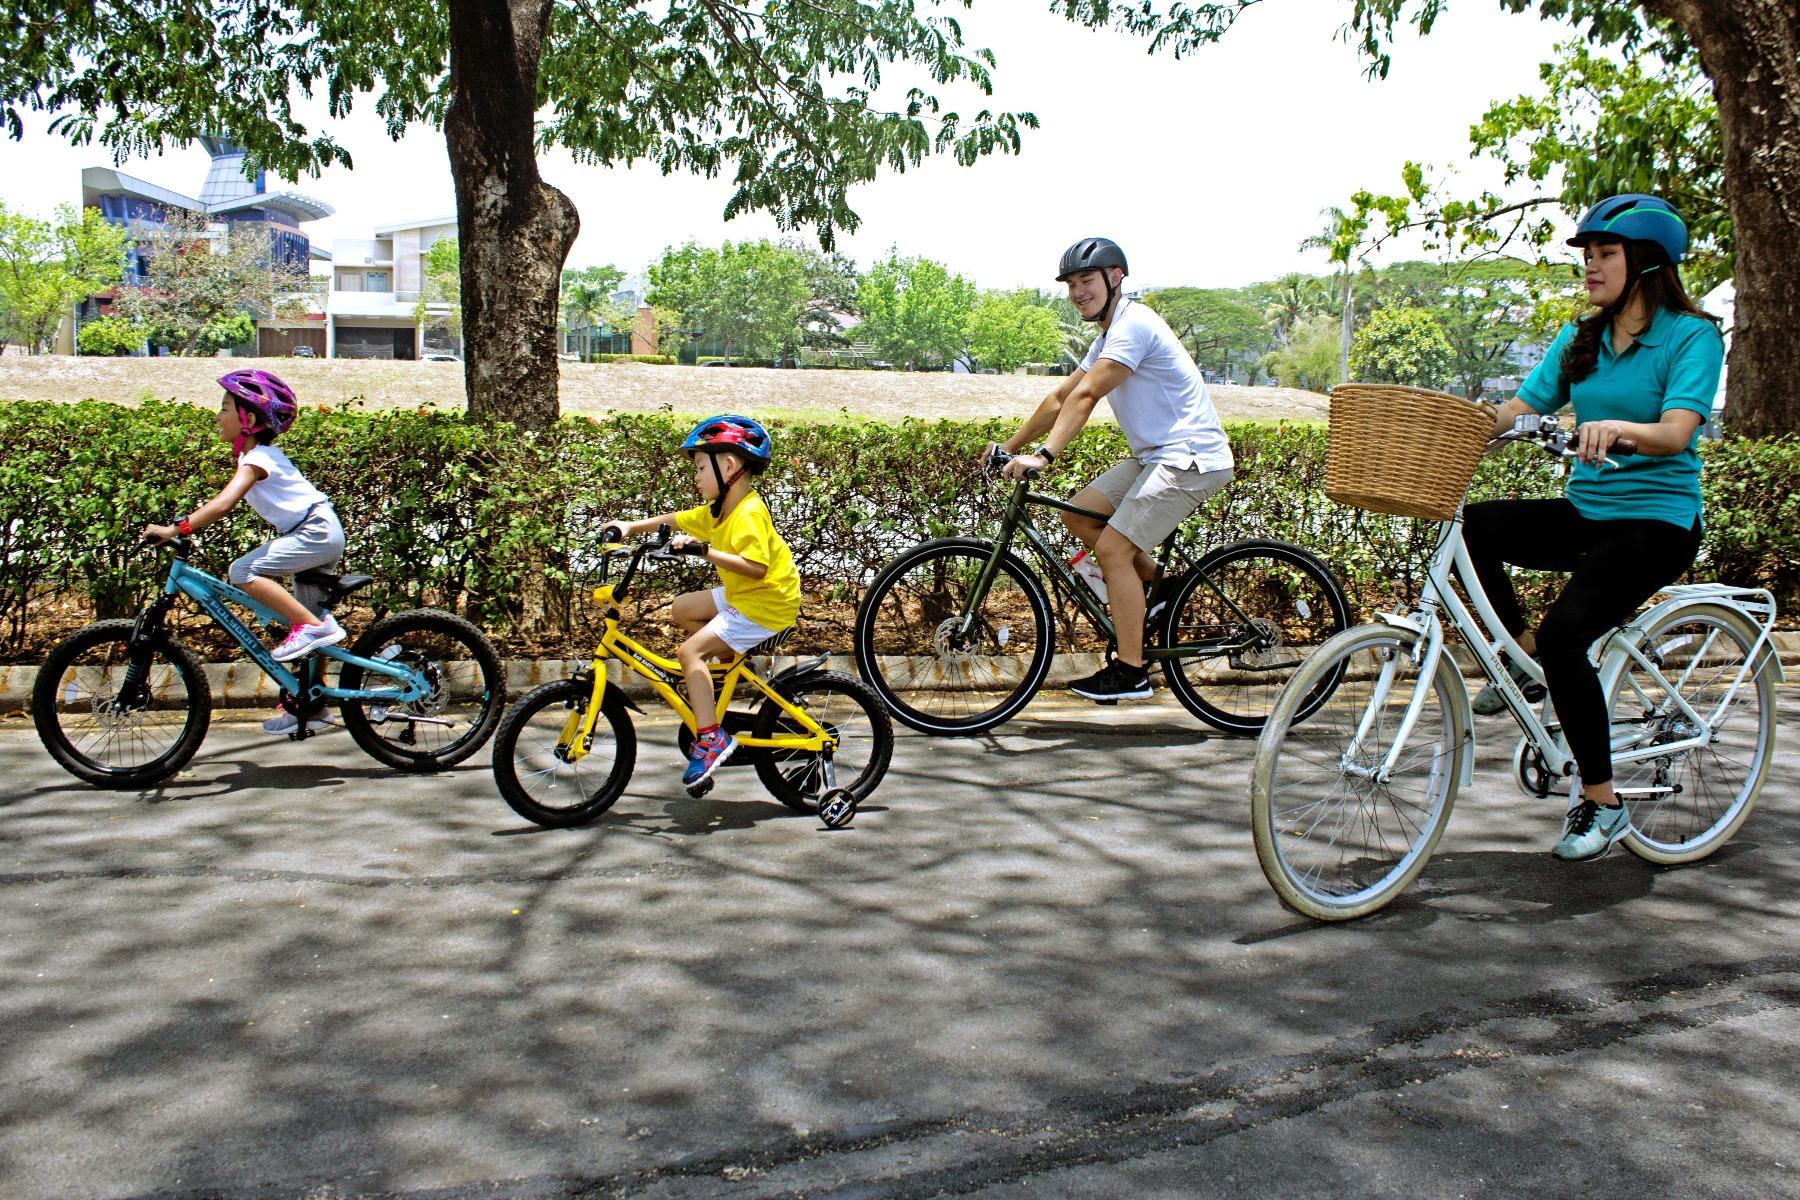 Bersepeda bersama keluarga